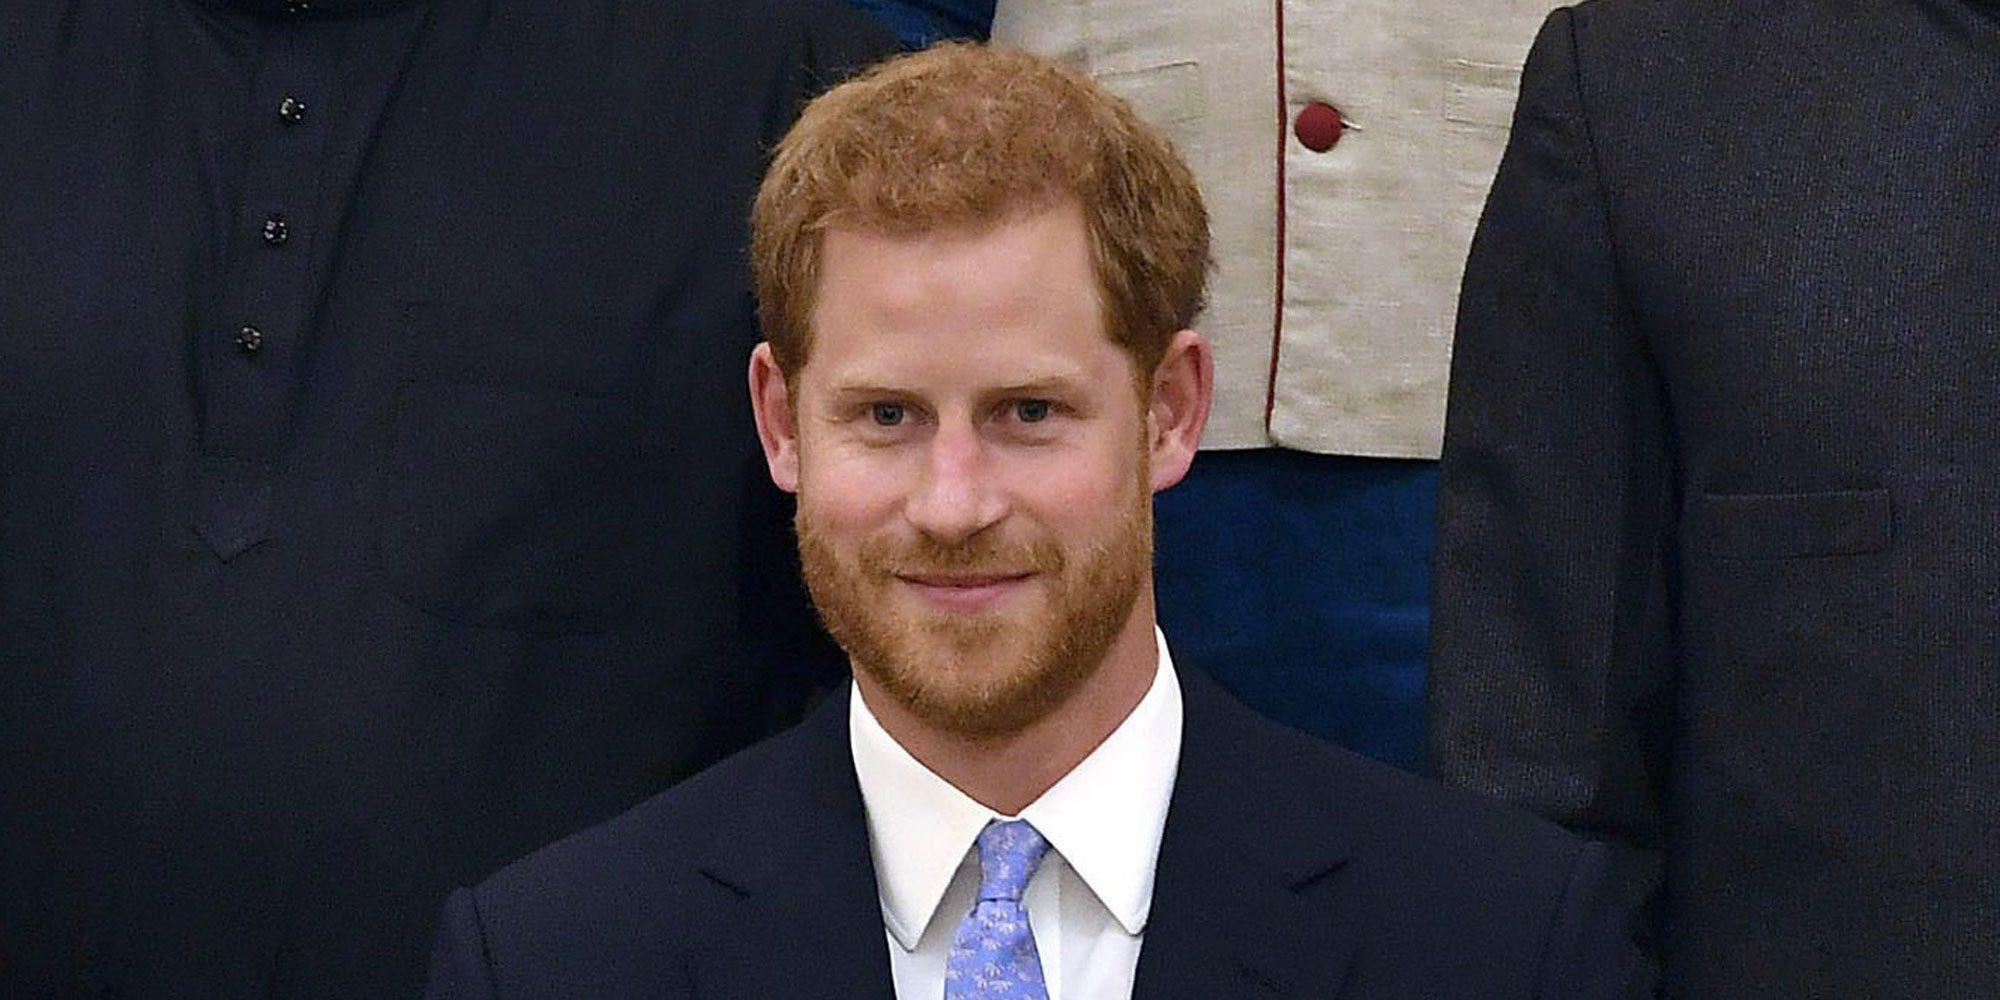 El hombre que se ha convertido en un 'padre adoptivo' para el Príncipe Harry en su nueva vida Los Ángeles